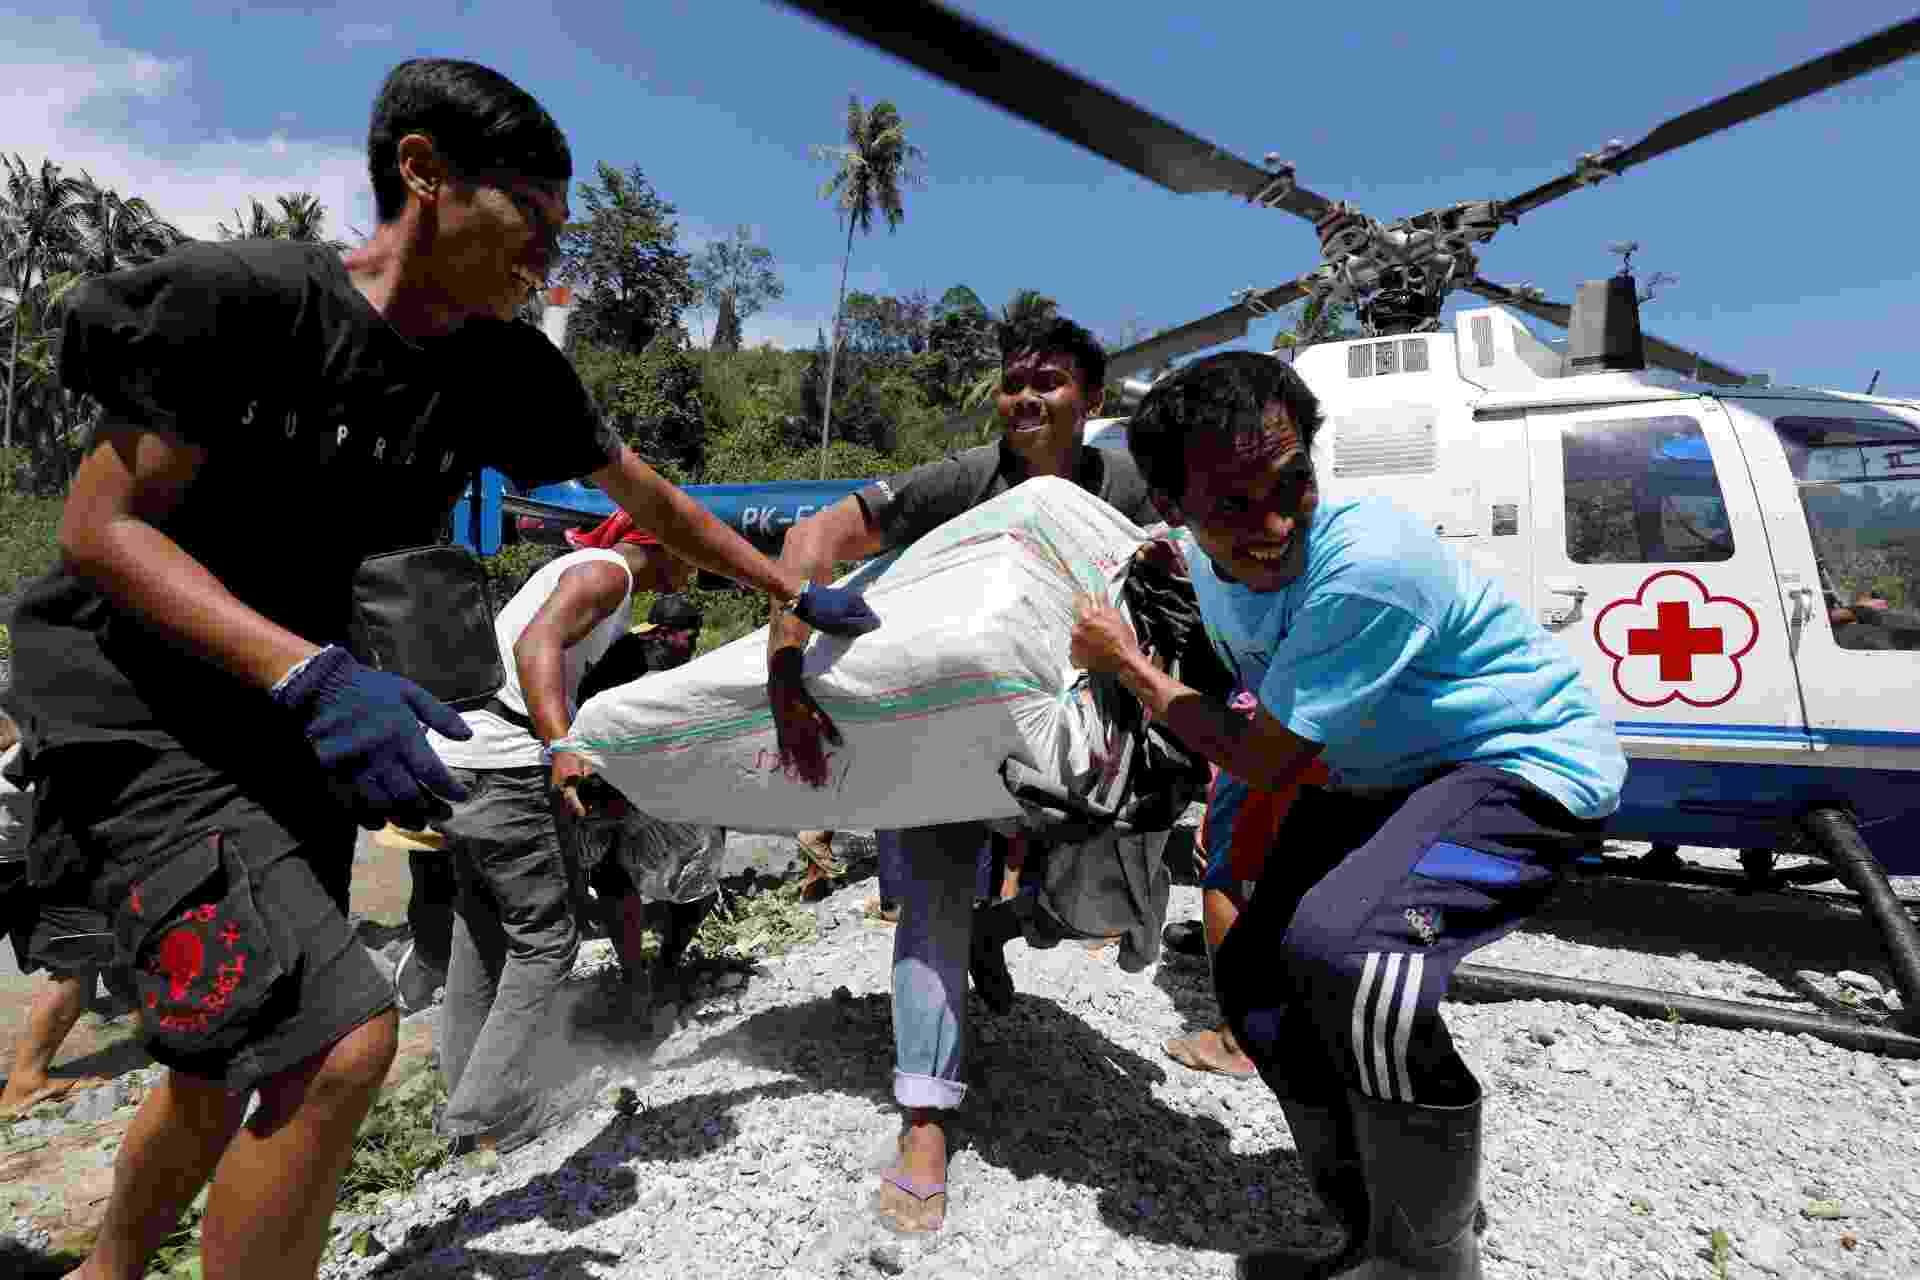 5.out.2018 - Aldeões afetados pelo terremoto do dia 28 carregam ajuda de um helicóptero da Cruz Vermelha em Biromaru, ao sul da cidade de Palu - Darren Whiteside/Reuters